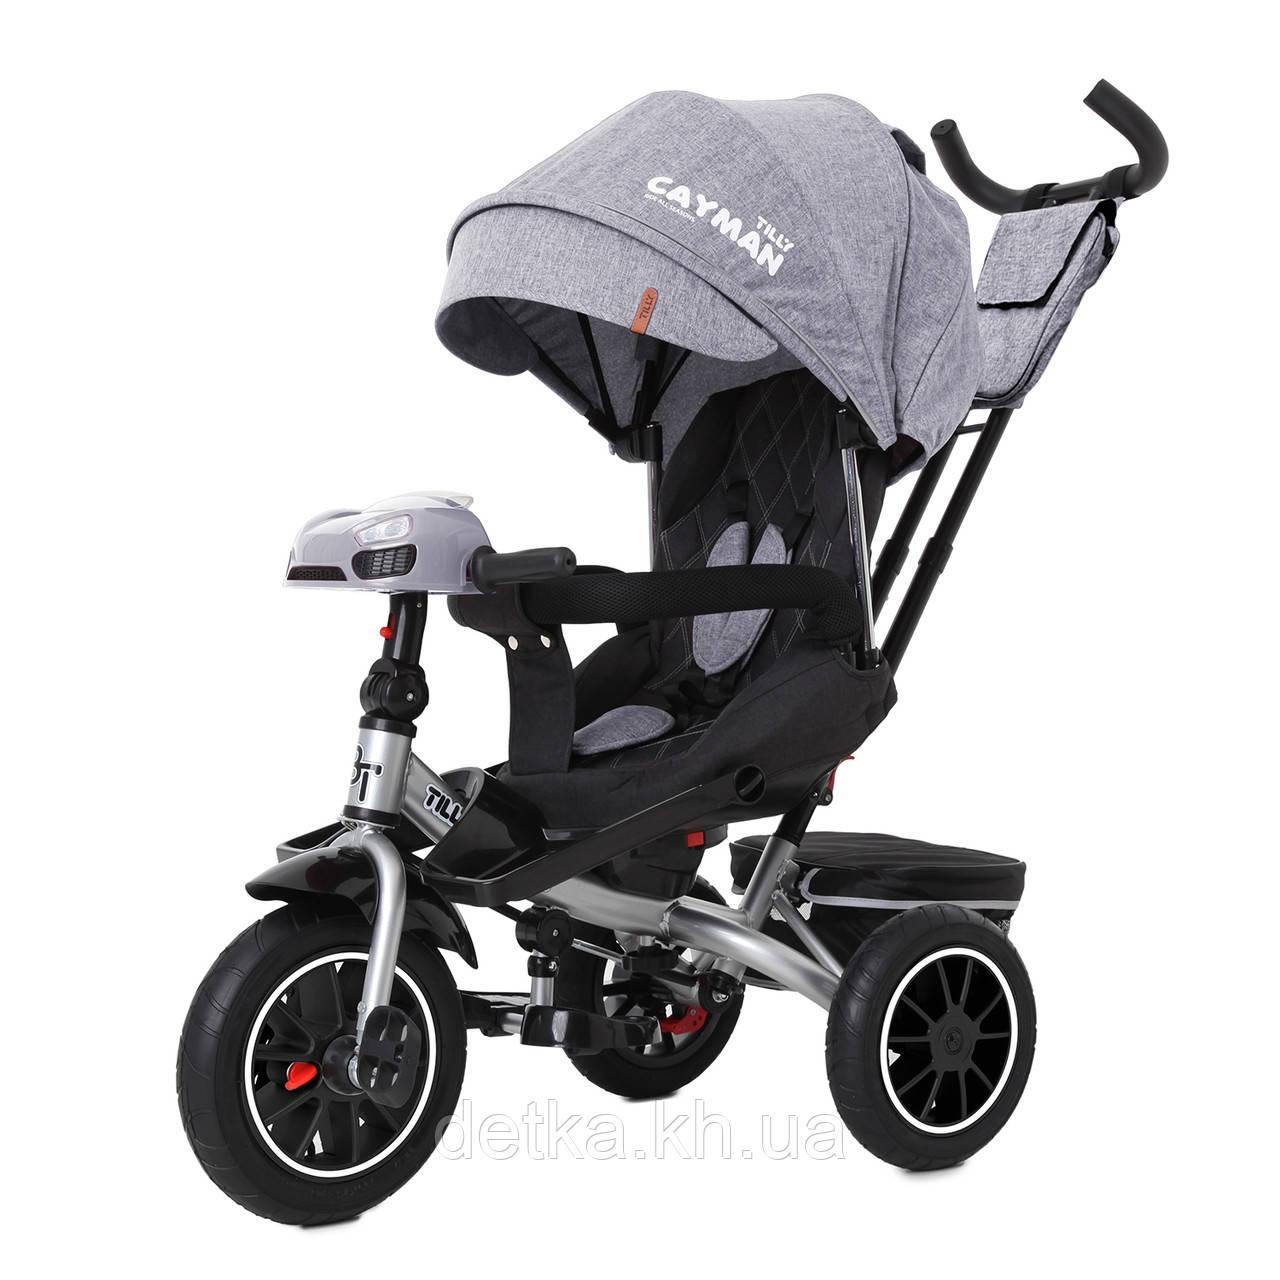 Велосипед триколісний TILLY CAYMAN T-381/7, різні забарвлення, усилненная рама, поворотне сидіння, музика